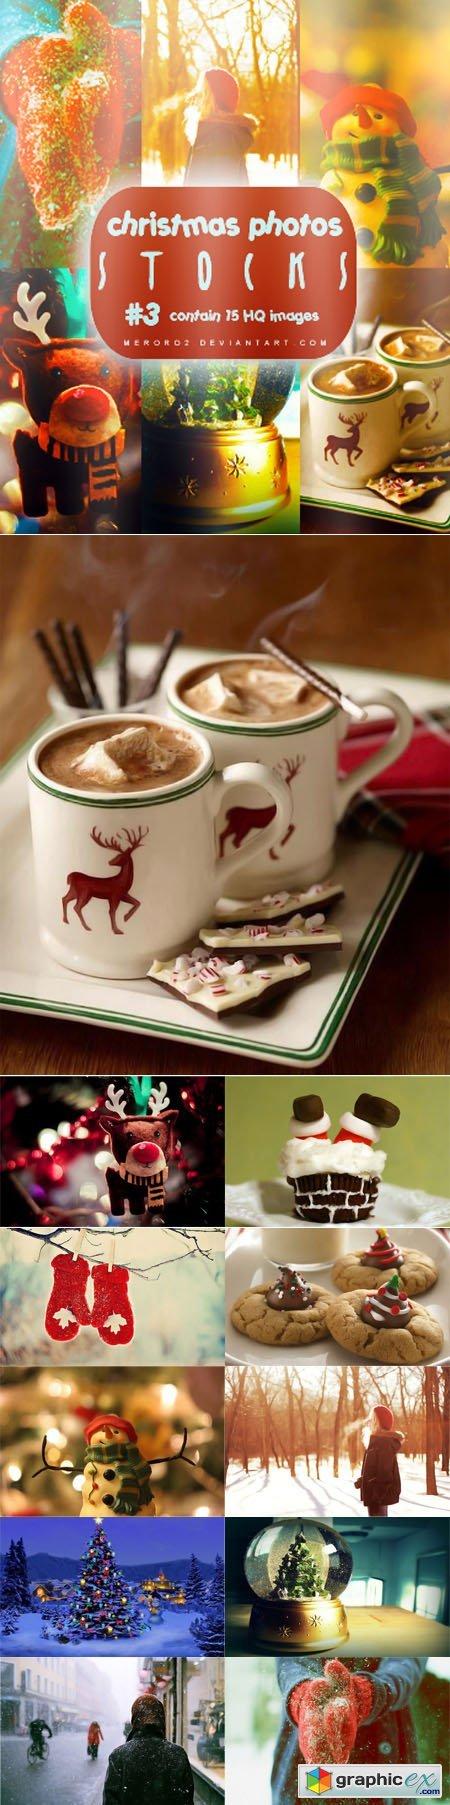 15 Christmas Photos Stocks